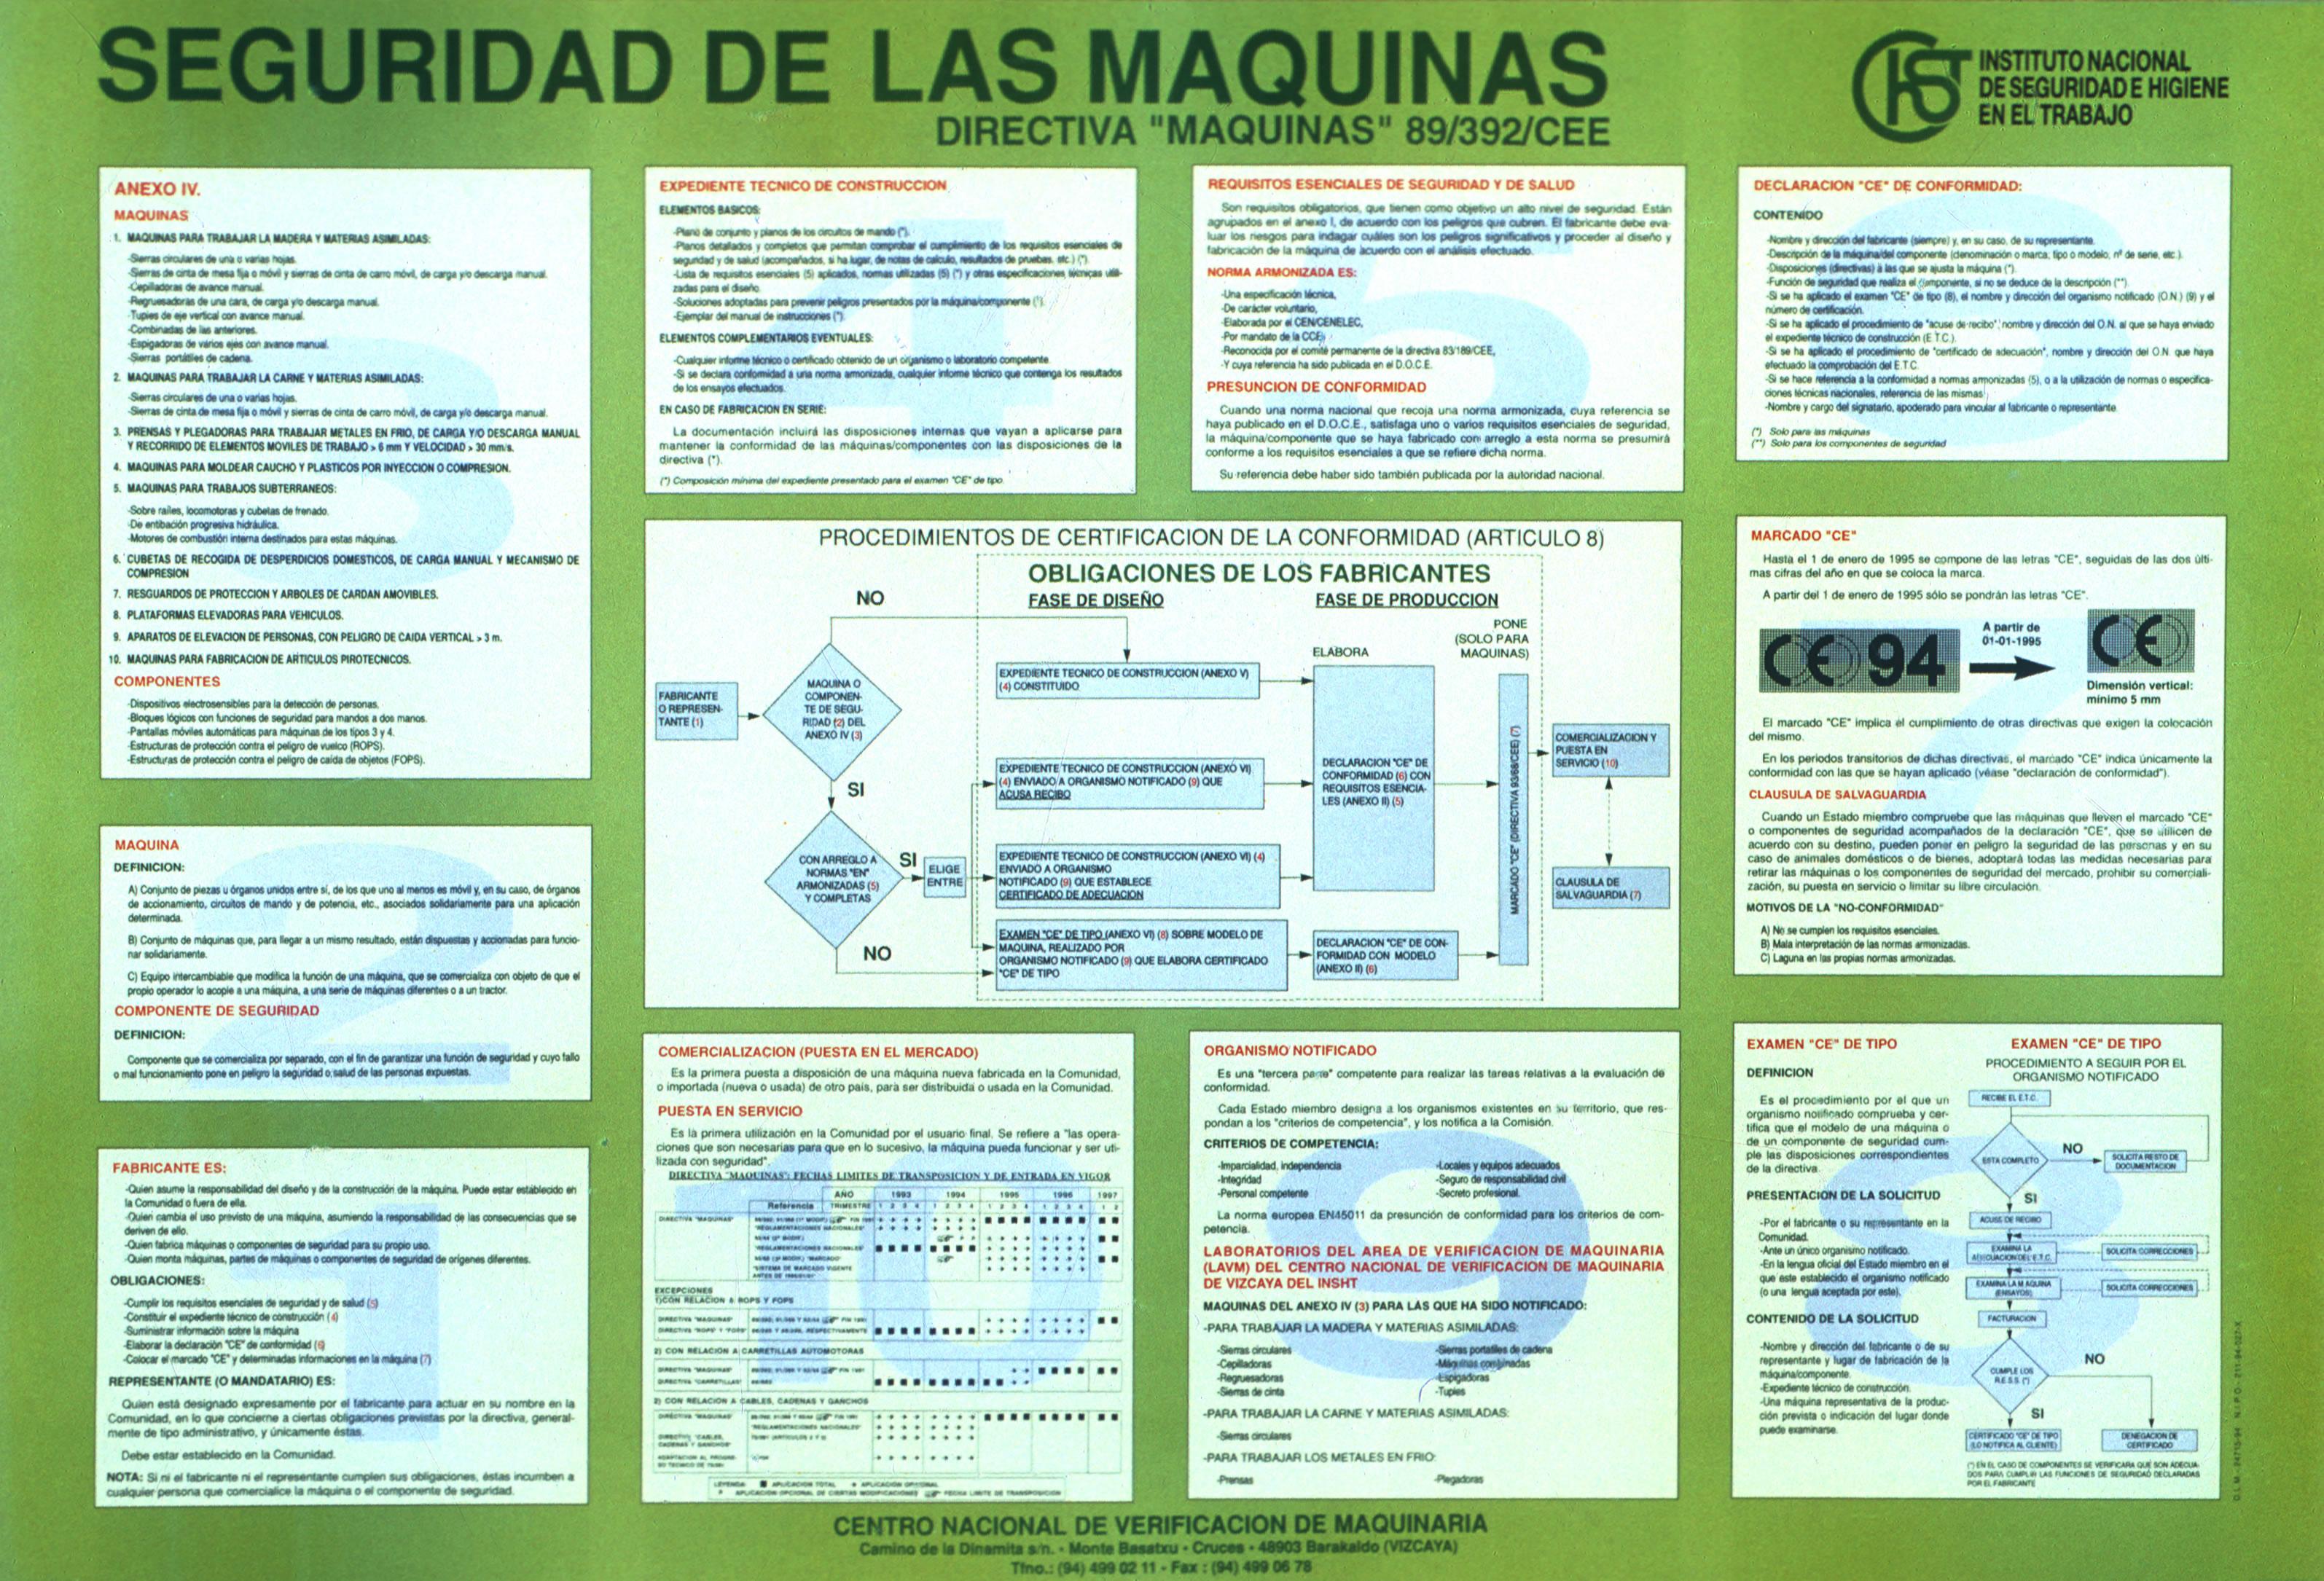 Seguridad en las máquinas. Cartel - Año 2010